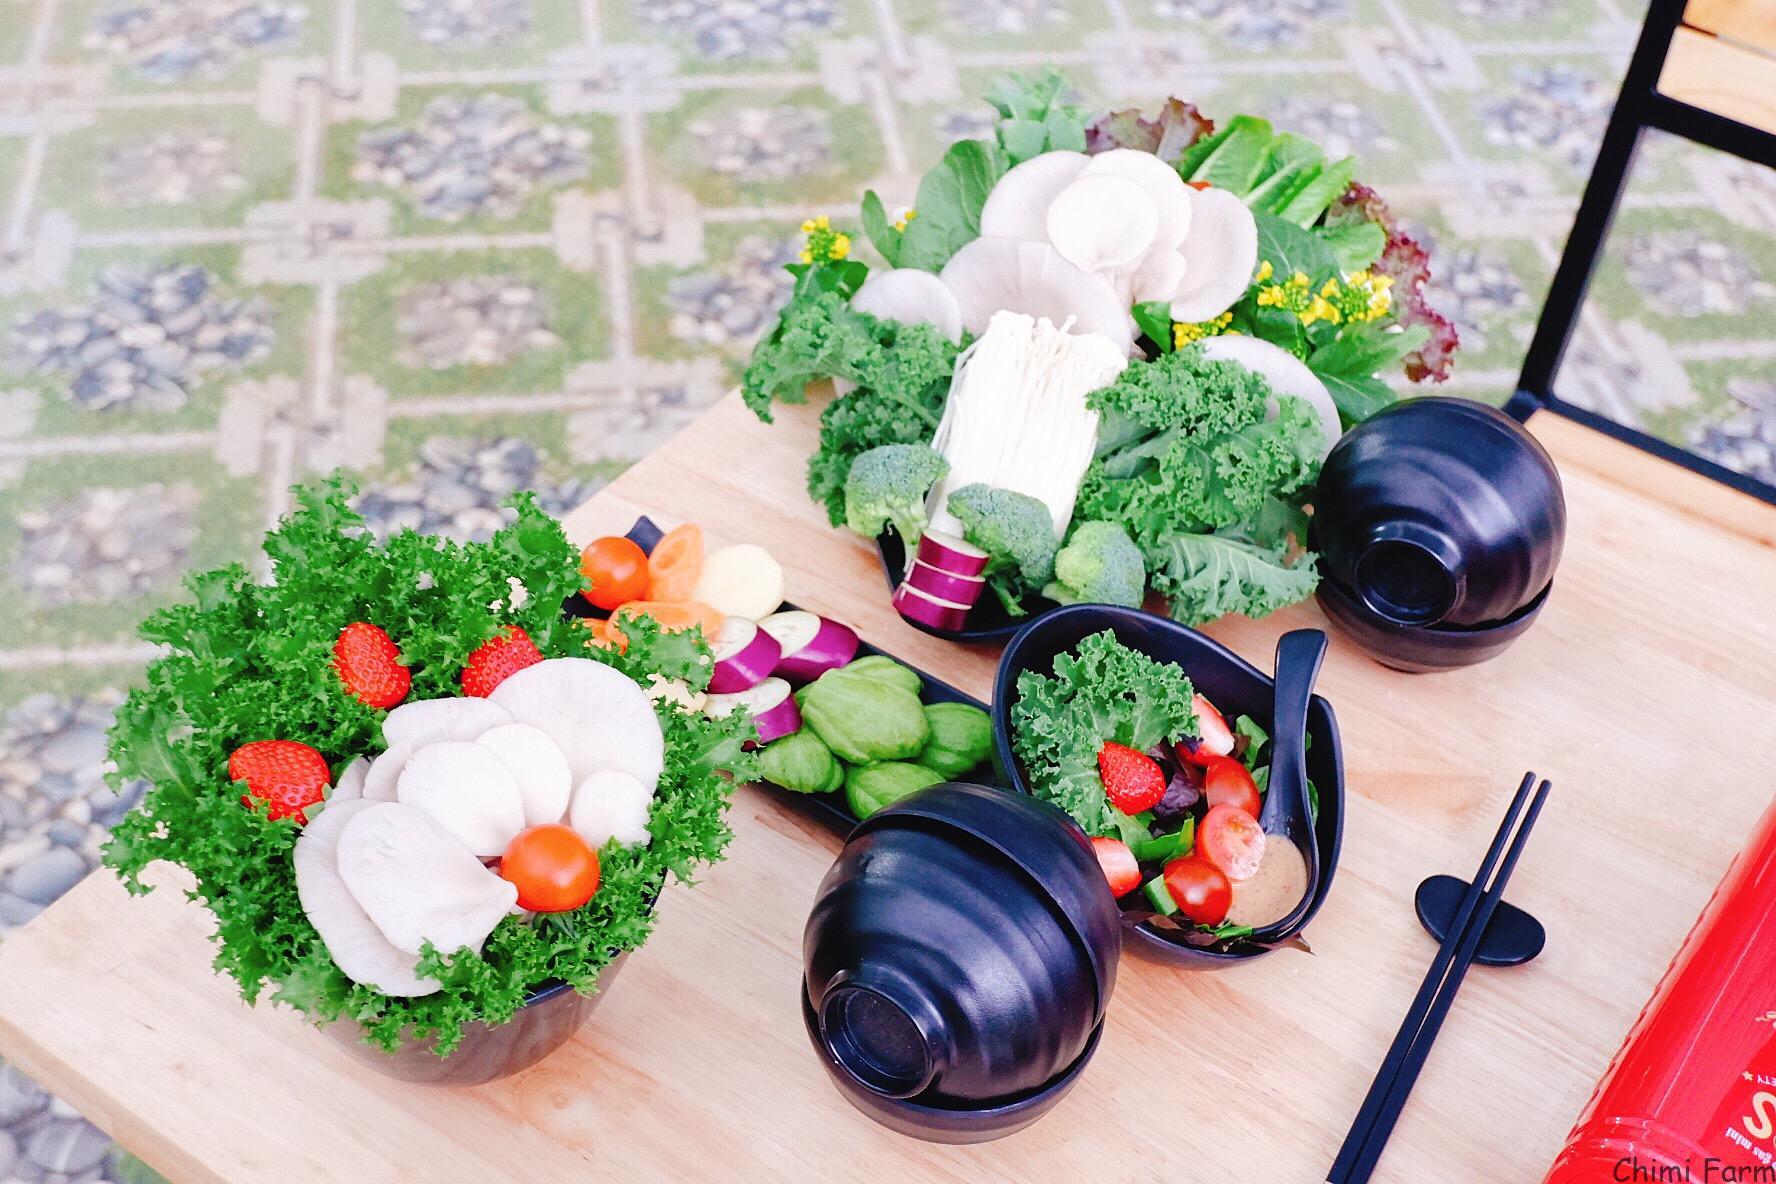 Bạn có thể thưởng thức lẩu buffet rau tại nhà hàng Chimi